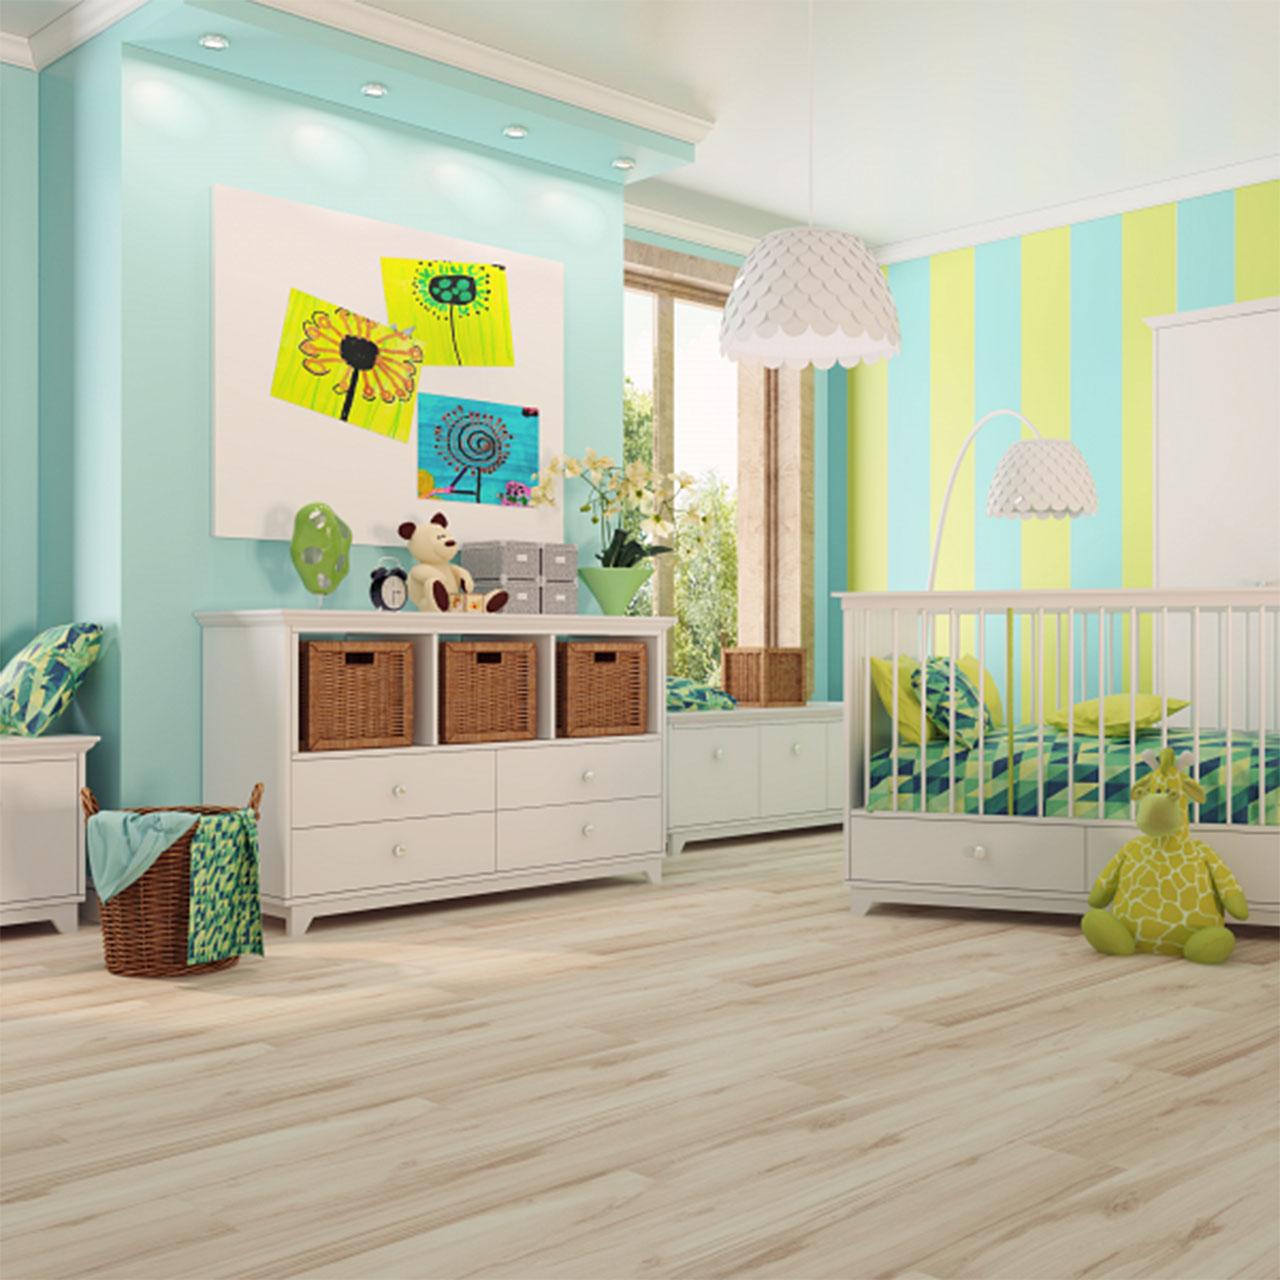 podloga w pokoju dzieci jaka wybrac 004 - Podłoga w pokoju dzieci - jaką wybrać?